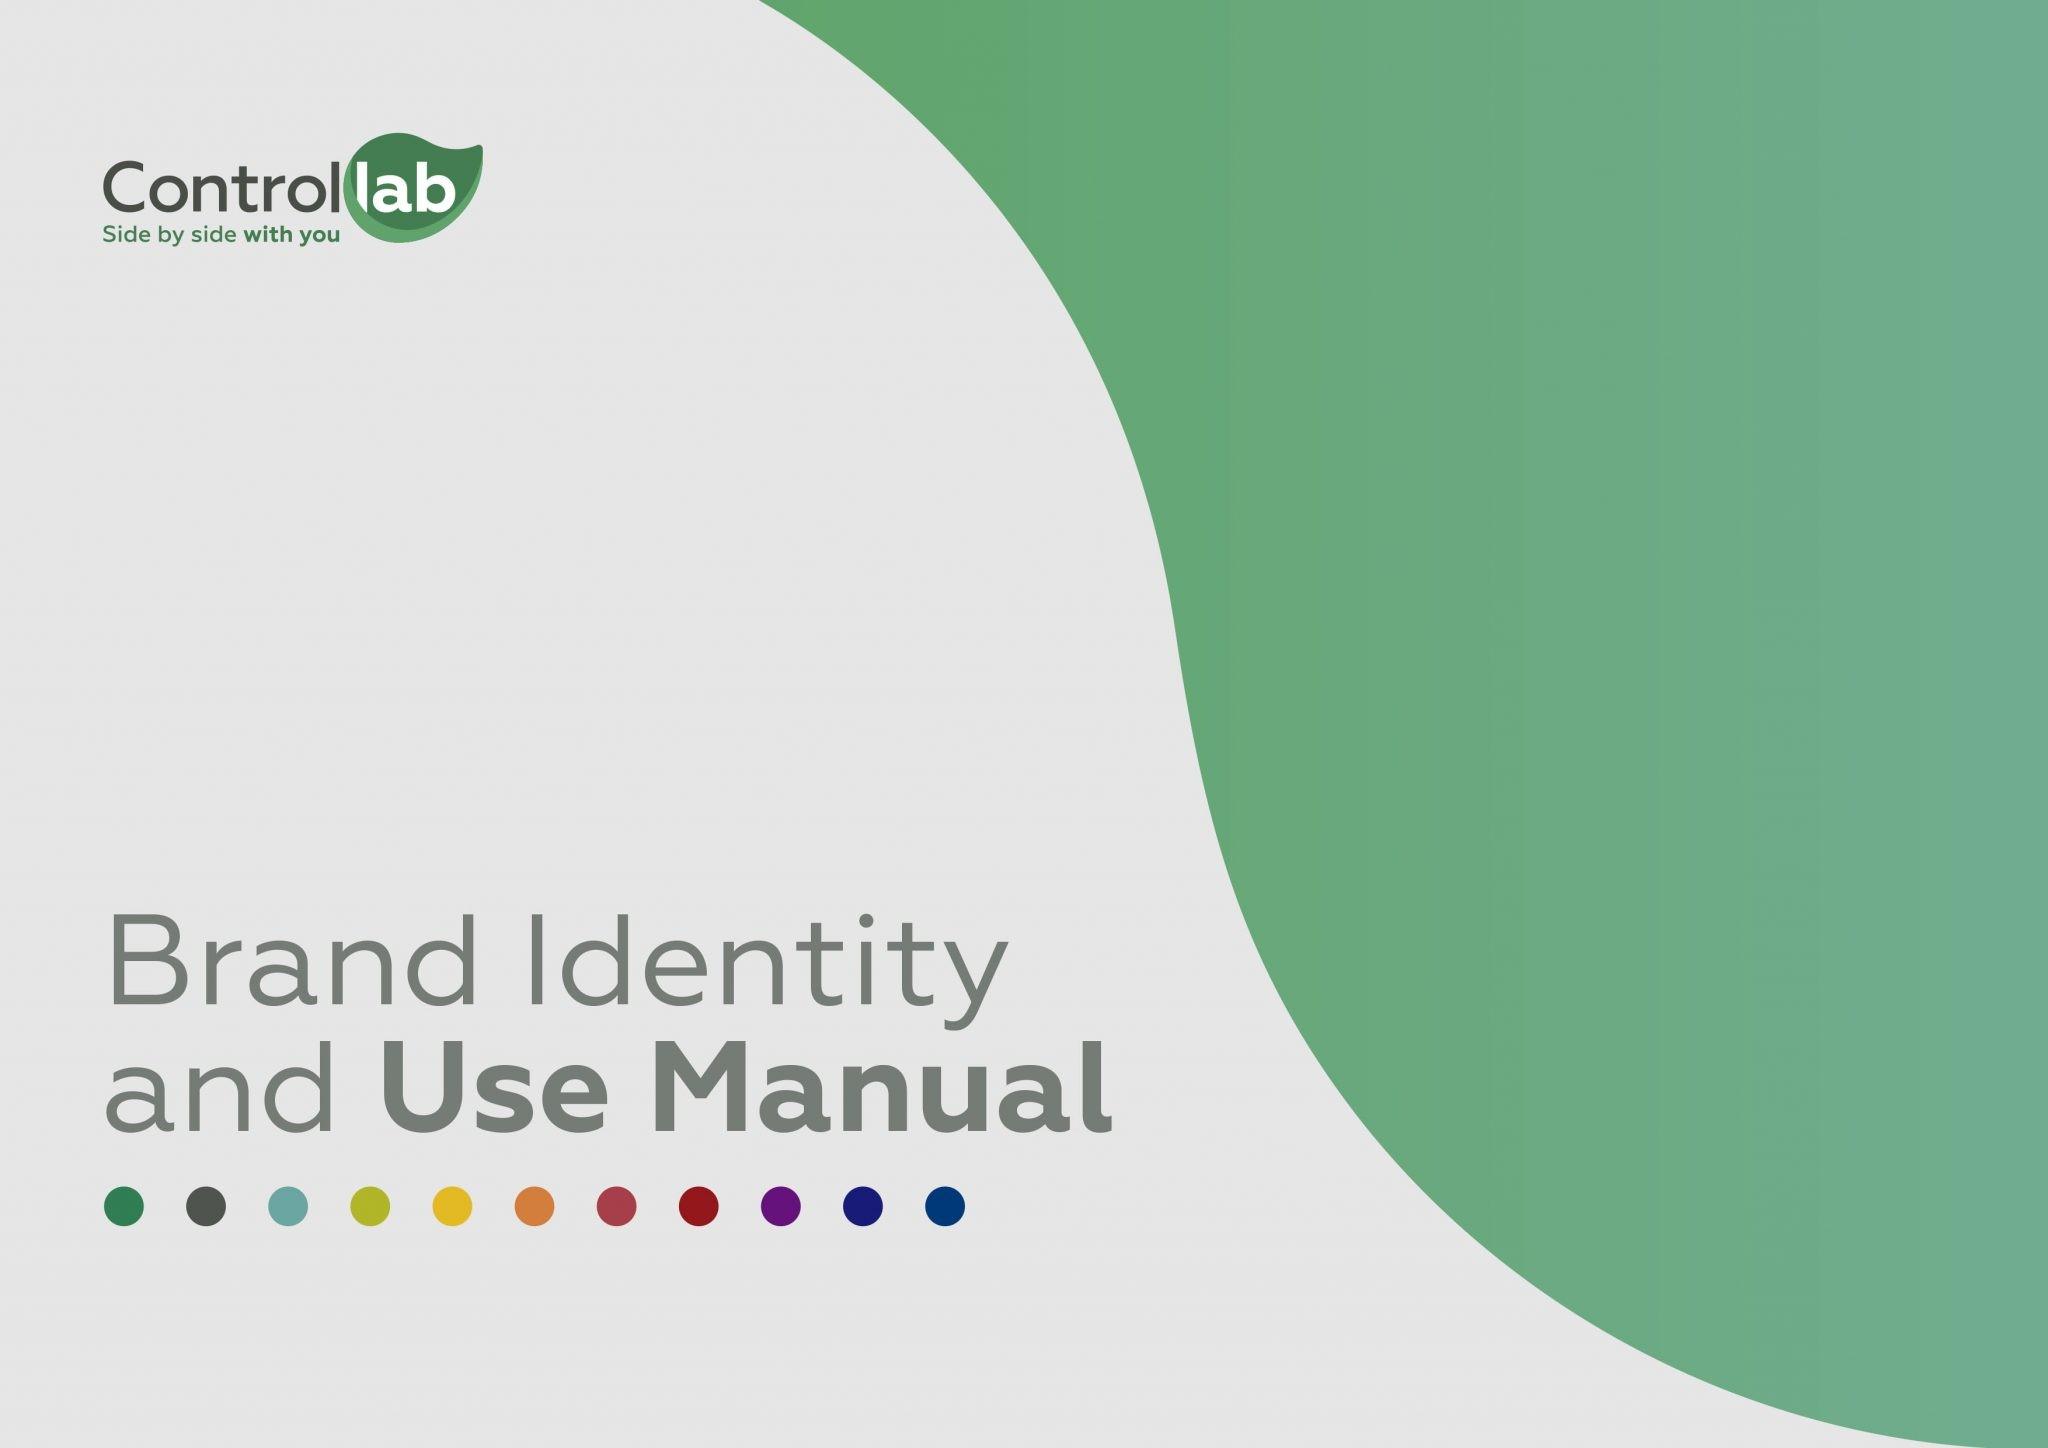 CAPA Manual de Identidade e Uso da Marca Controllab EXTERNO EN 1